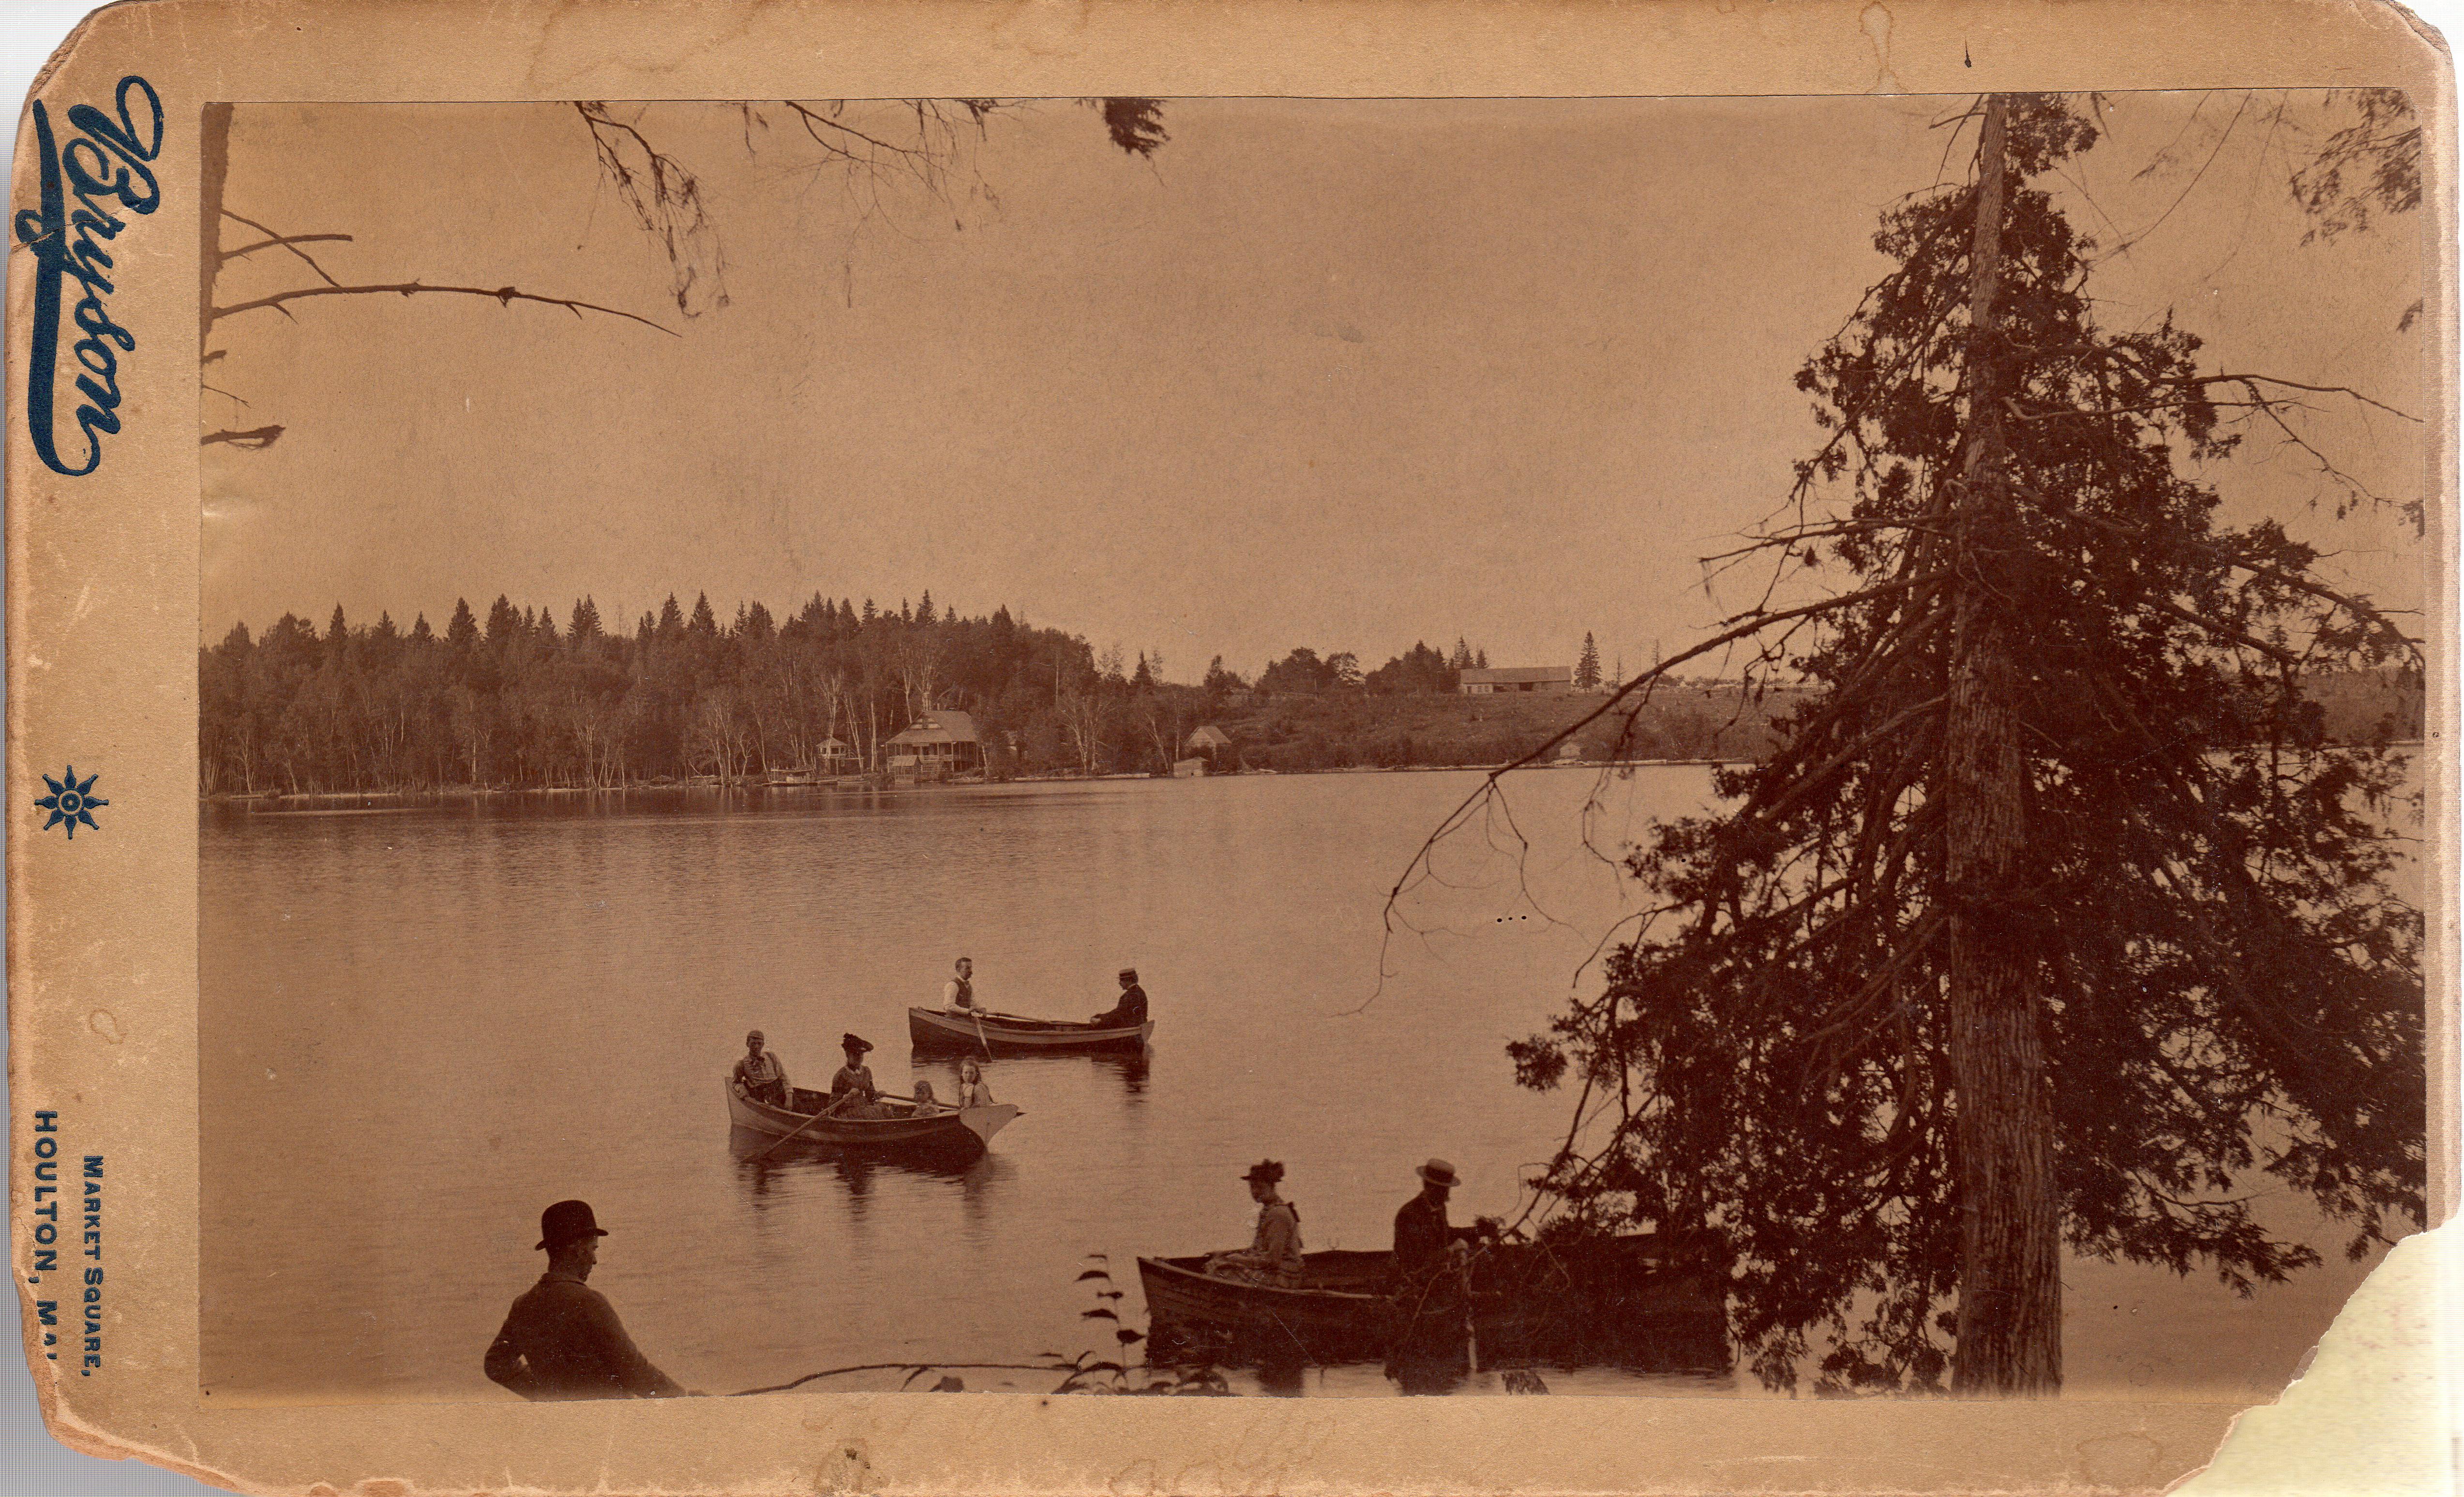 Nickerson Lake